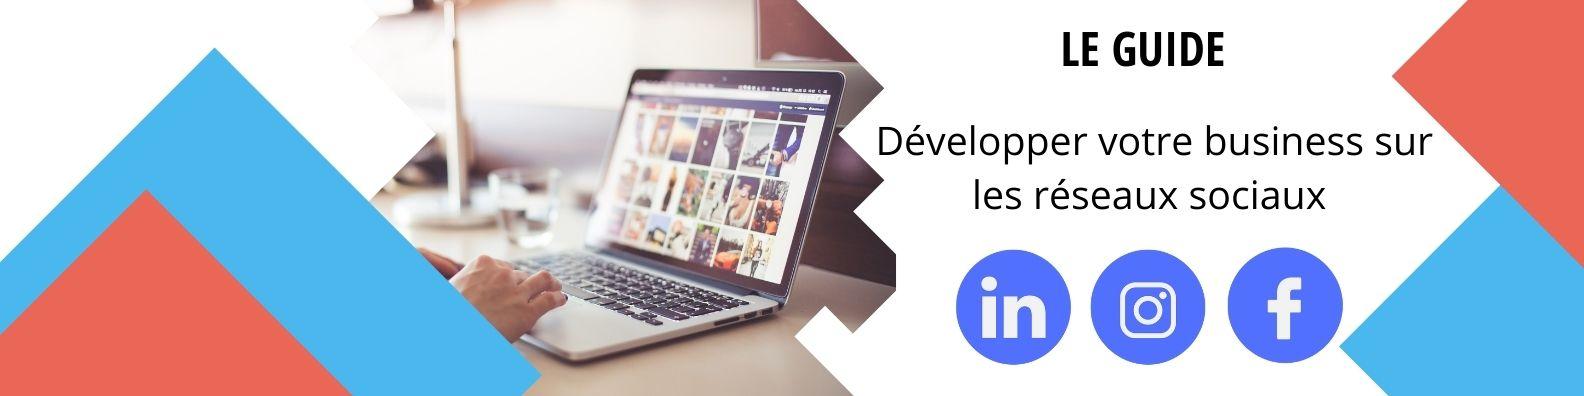 beez media - guide Développer votre business sur les réseaux sociaux